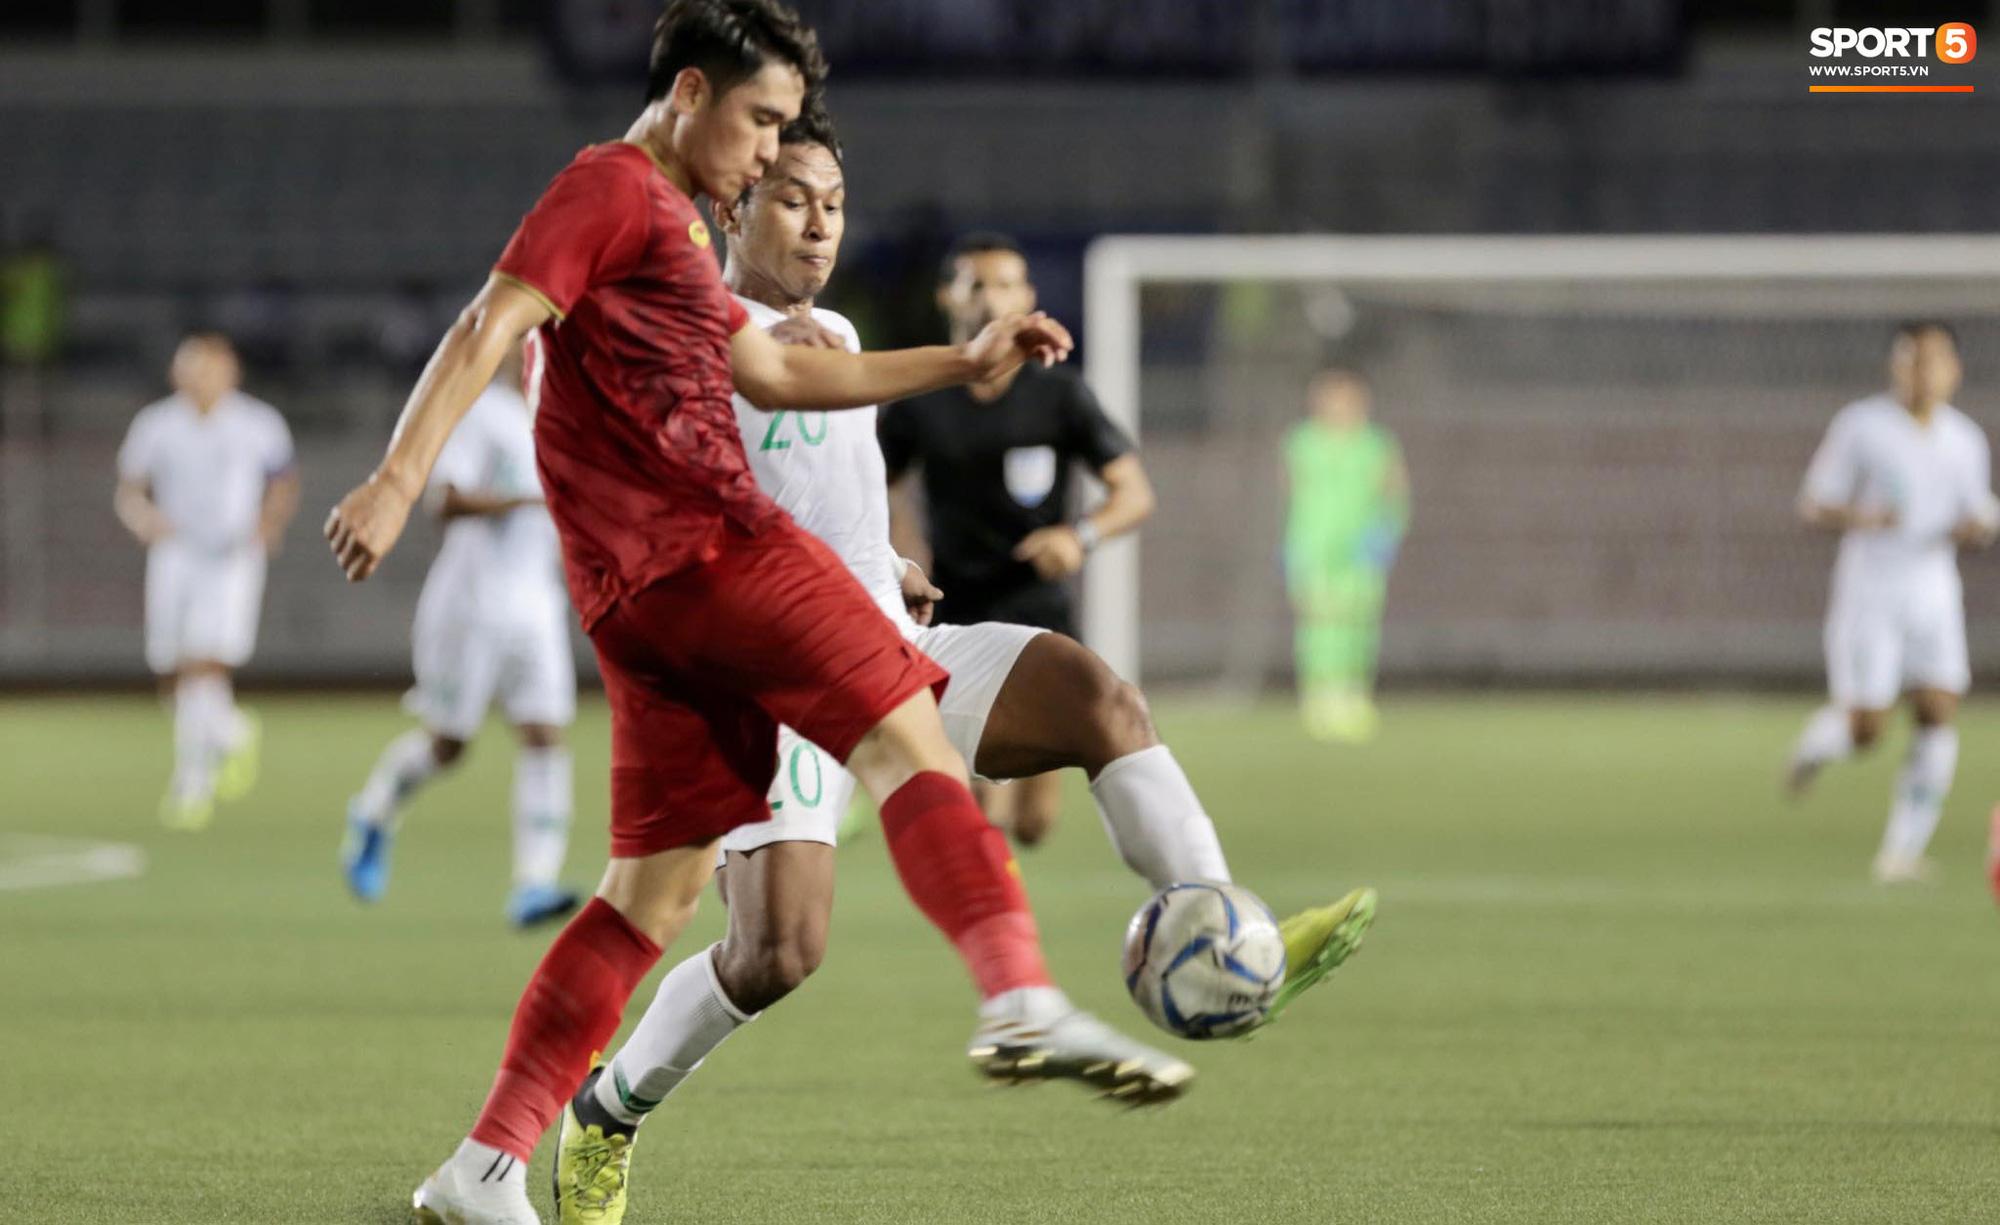 Báo Indonesia tiết lộ thống kê cực chênh lệch giữa đội nhà với VIệt Nam để rồi cay đắng thừa nhận: Chúng ta bị lấn lướt hoàn toàn rồi - Ảnh 1.